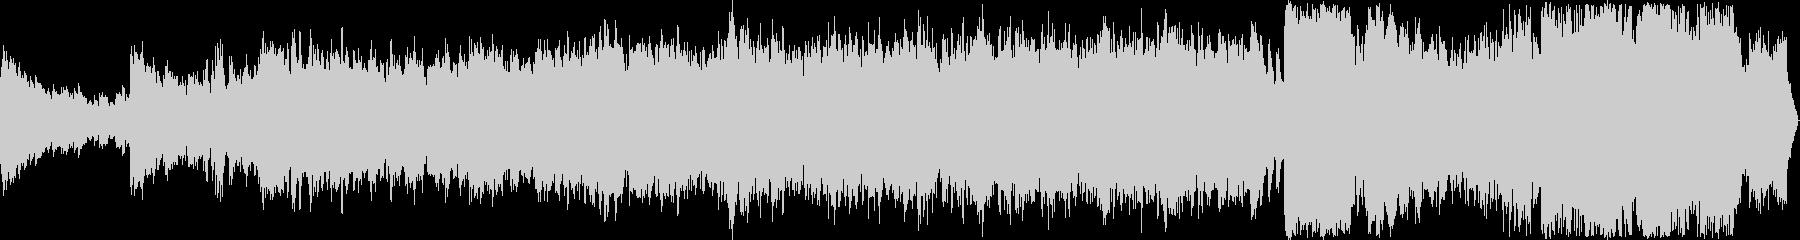 豪華なフィールドBGM、ループ仕様の未再生の波形